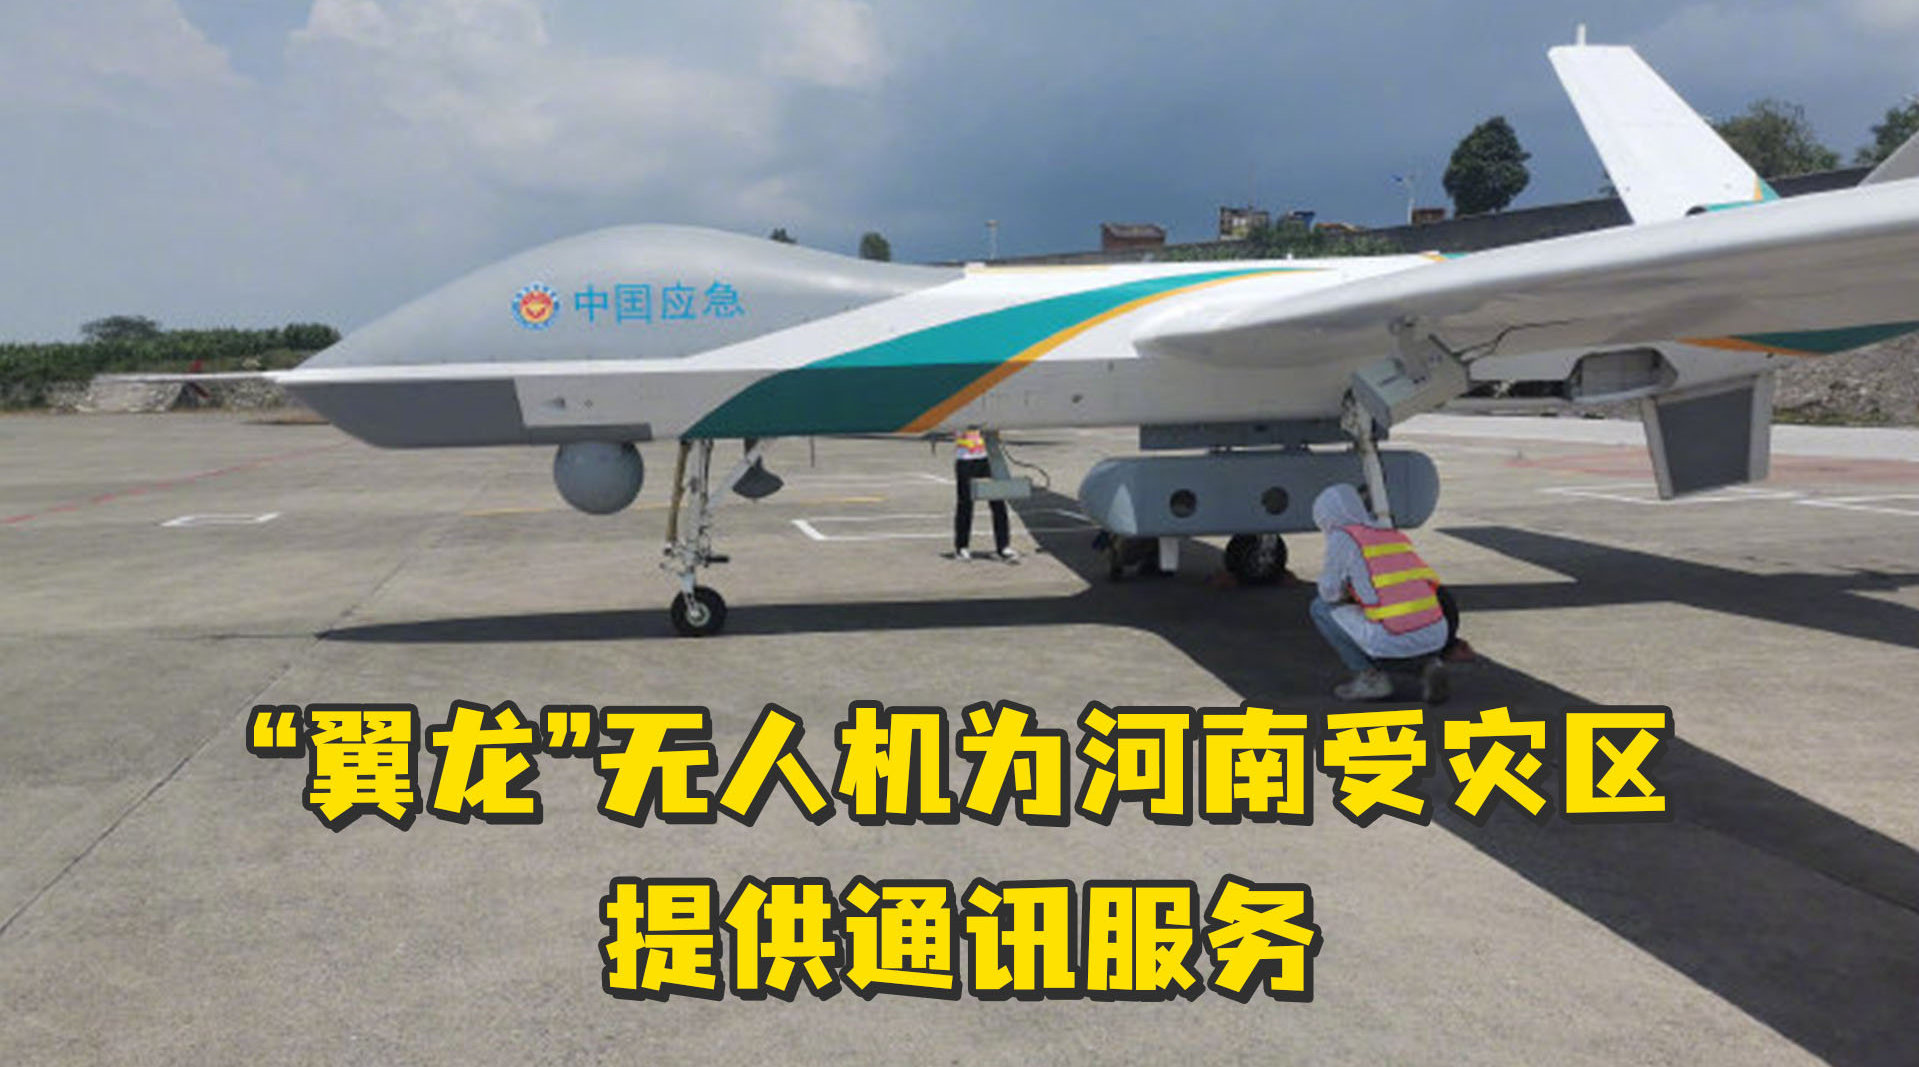 科技的力量!翼龙无人机为河南灾区提供通讯服务